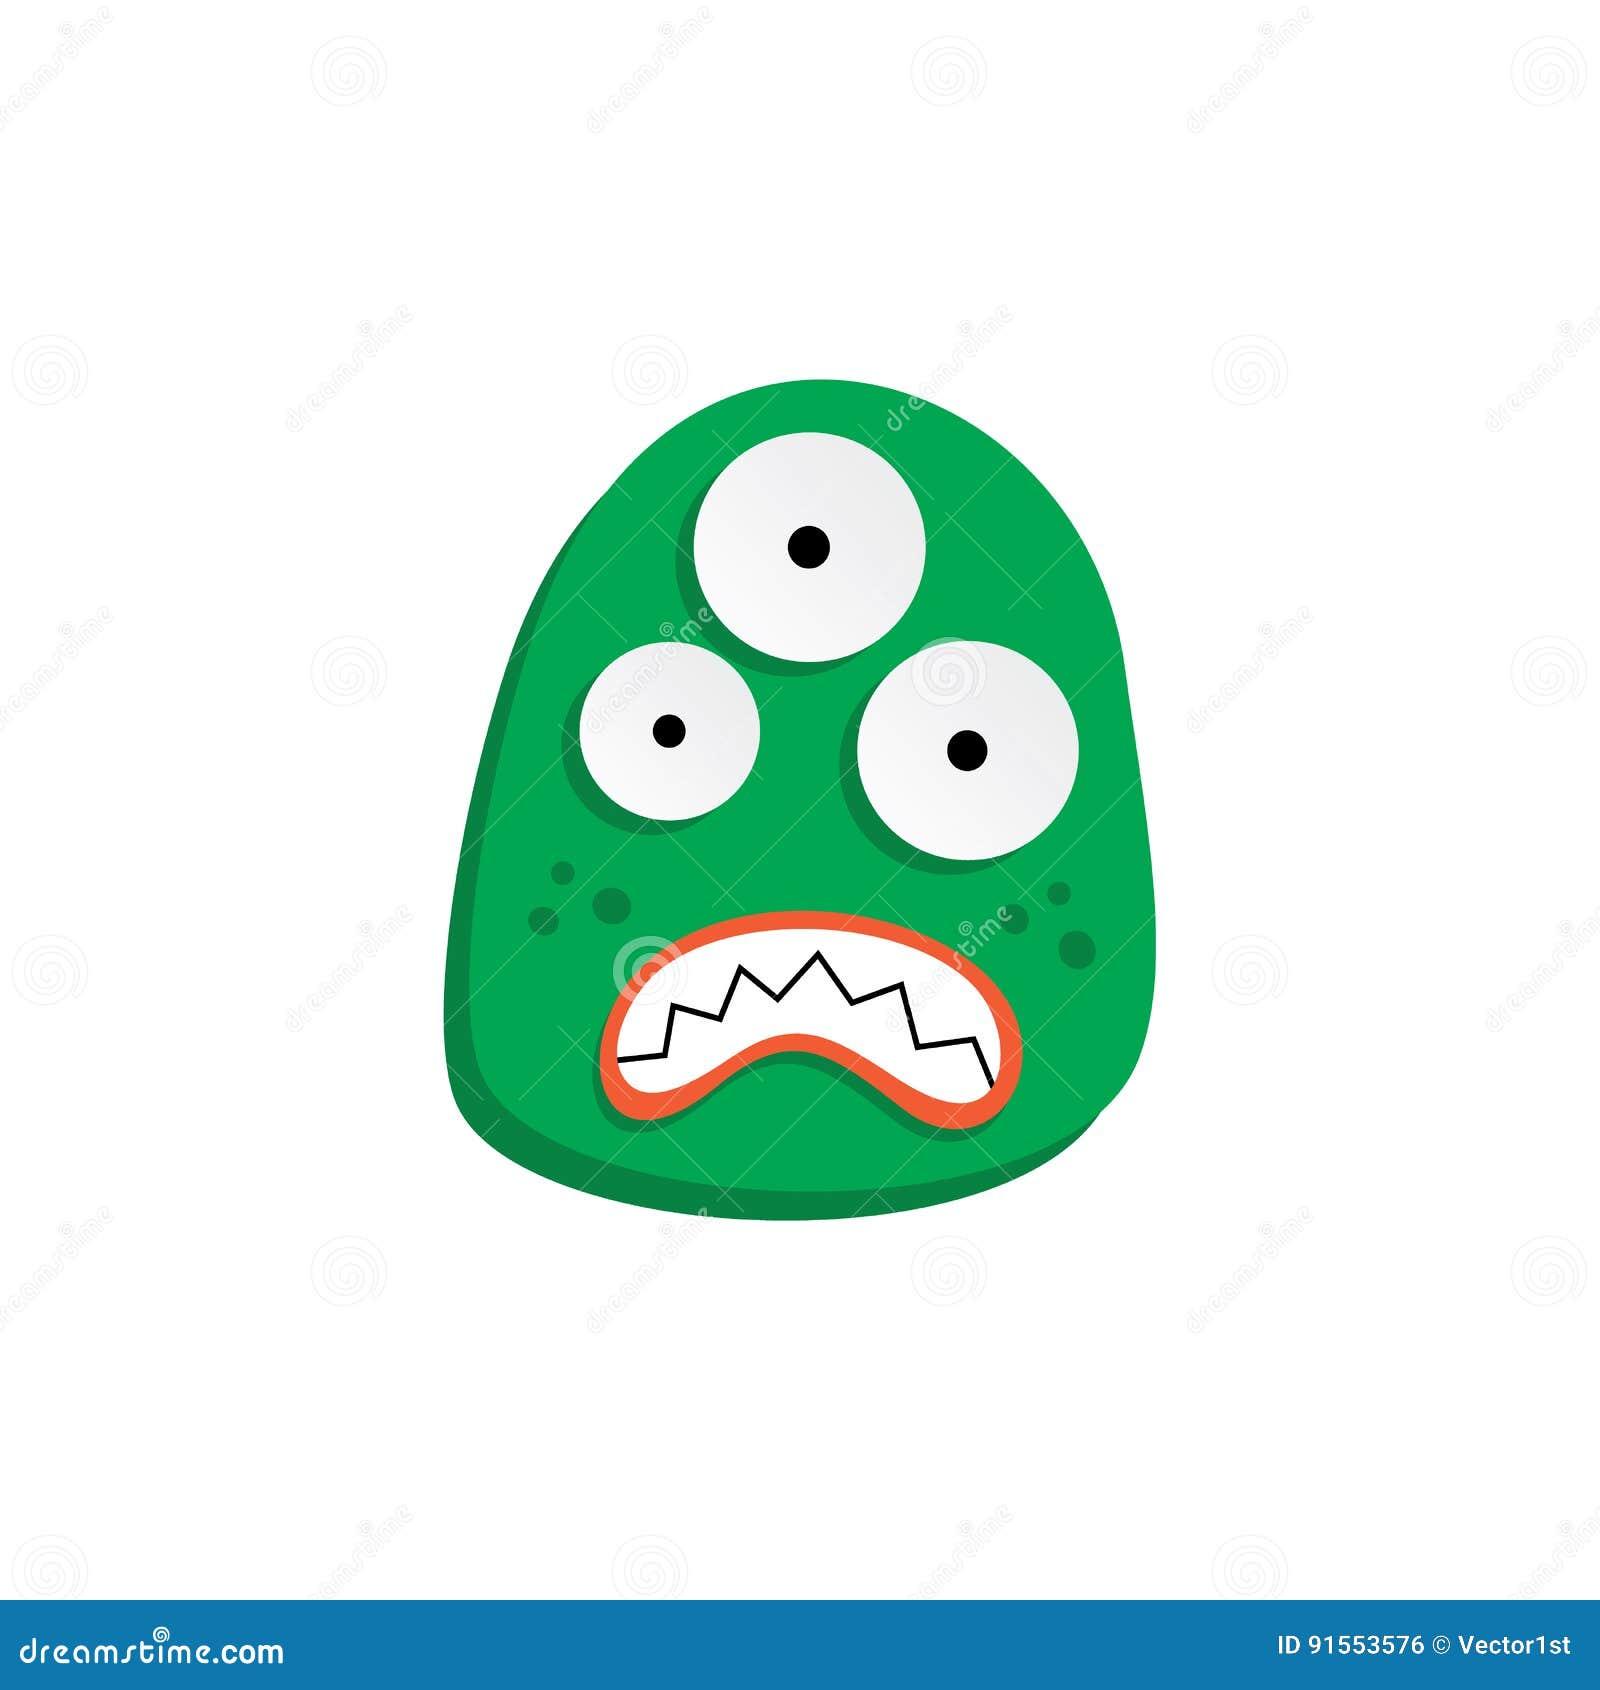 Monstro engraçado assustador feio adorável bonito da mascote